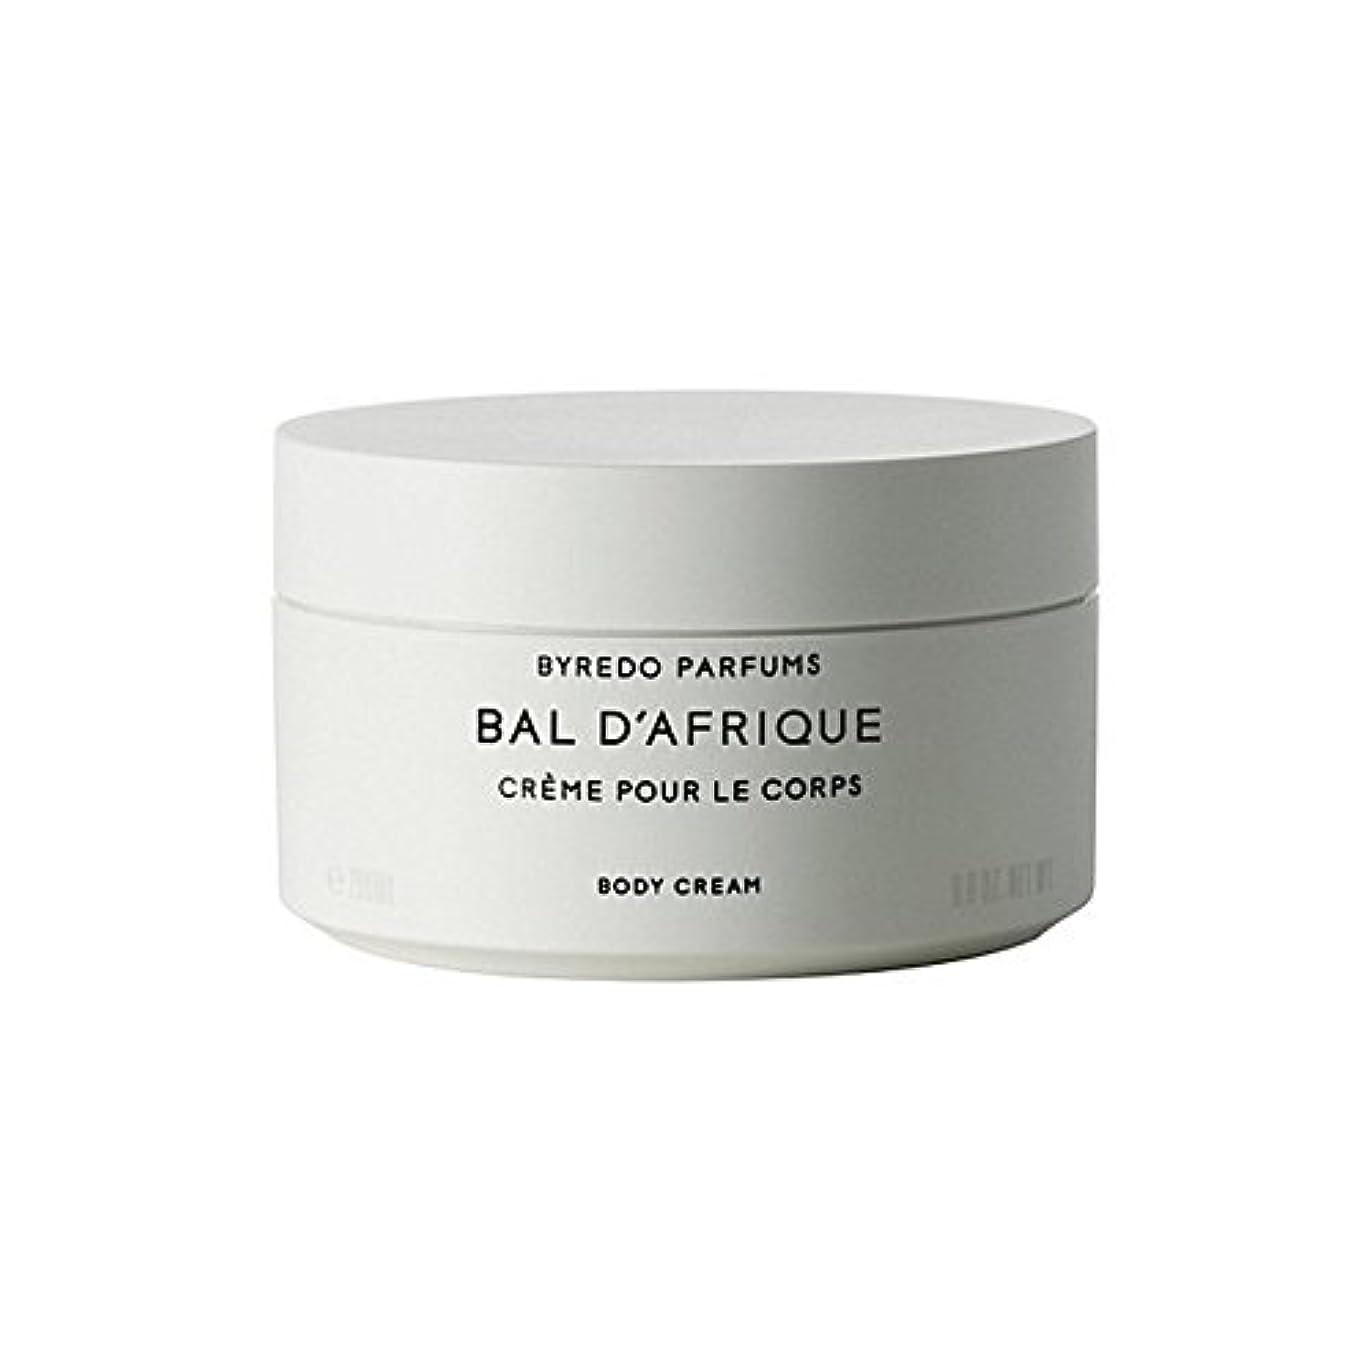 硬い子供時代いじめっ子Byredo Bal D'Afrique Body Cream 200ml (Pack of 6) - 'のボディクリーム200ミリリットル x6 [並行輸入品]